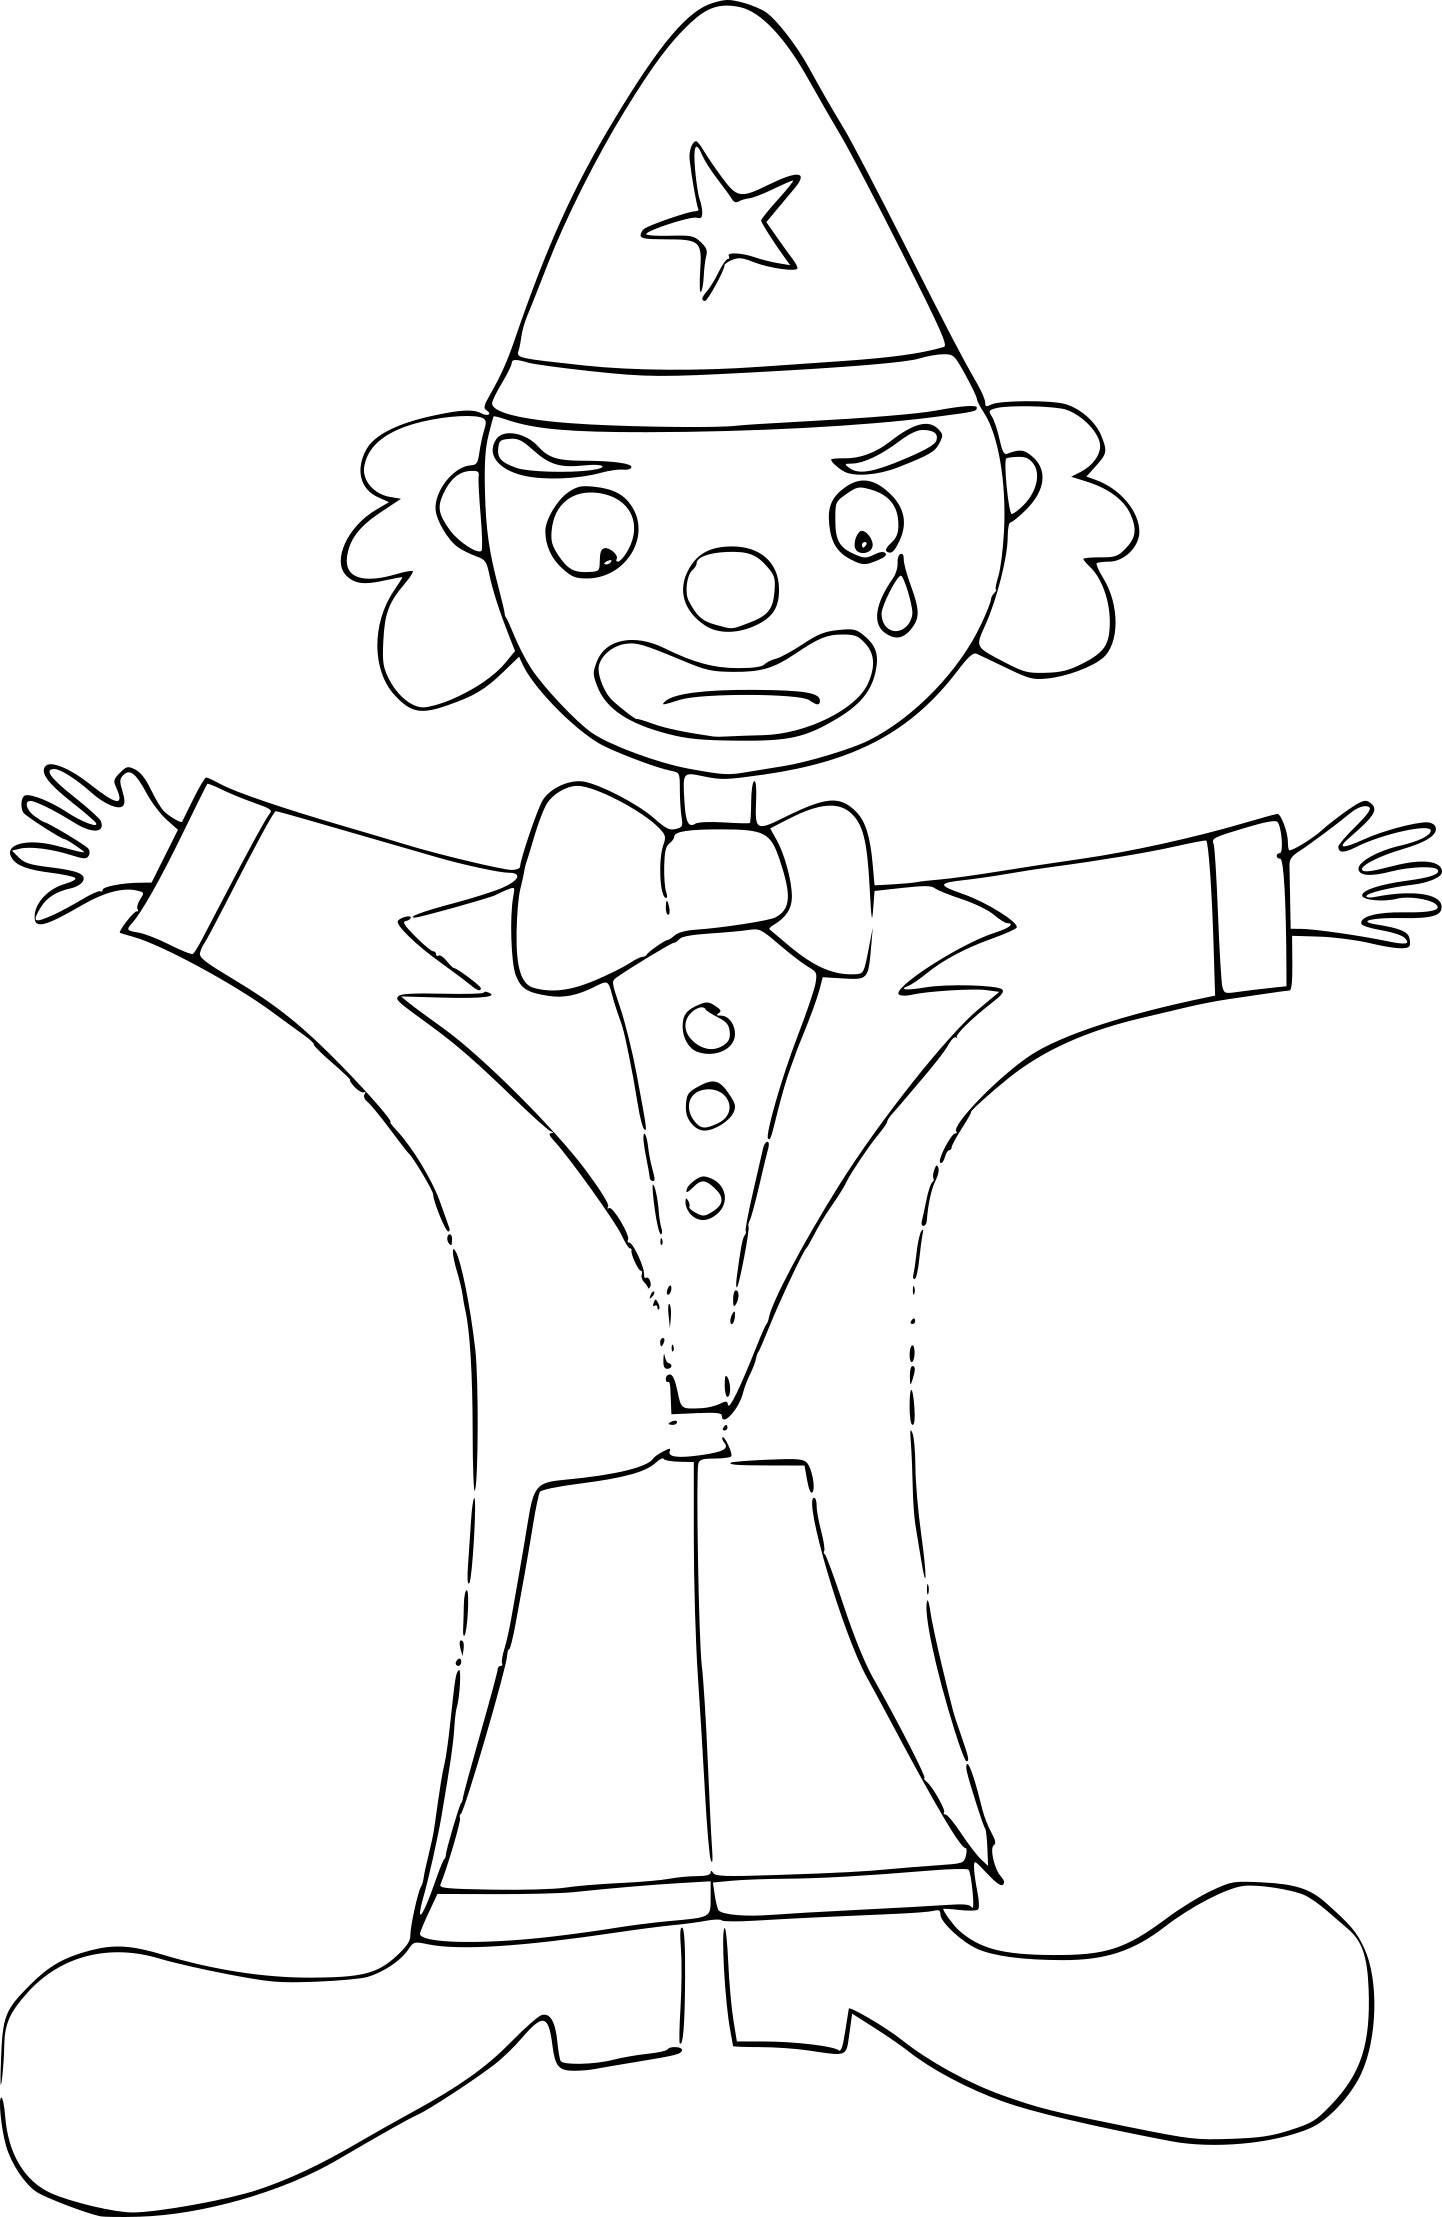 Coloriage Clown Triste À Imprimer Sur Coloriages tout Coloriage Clown A Imprimer